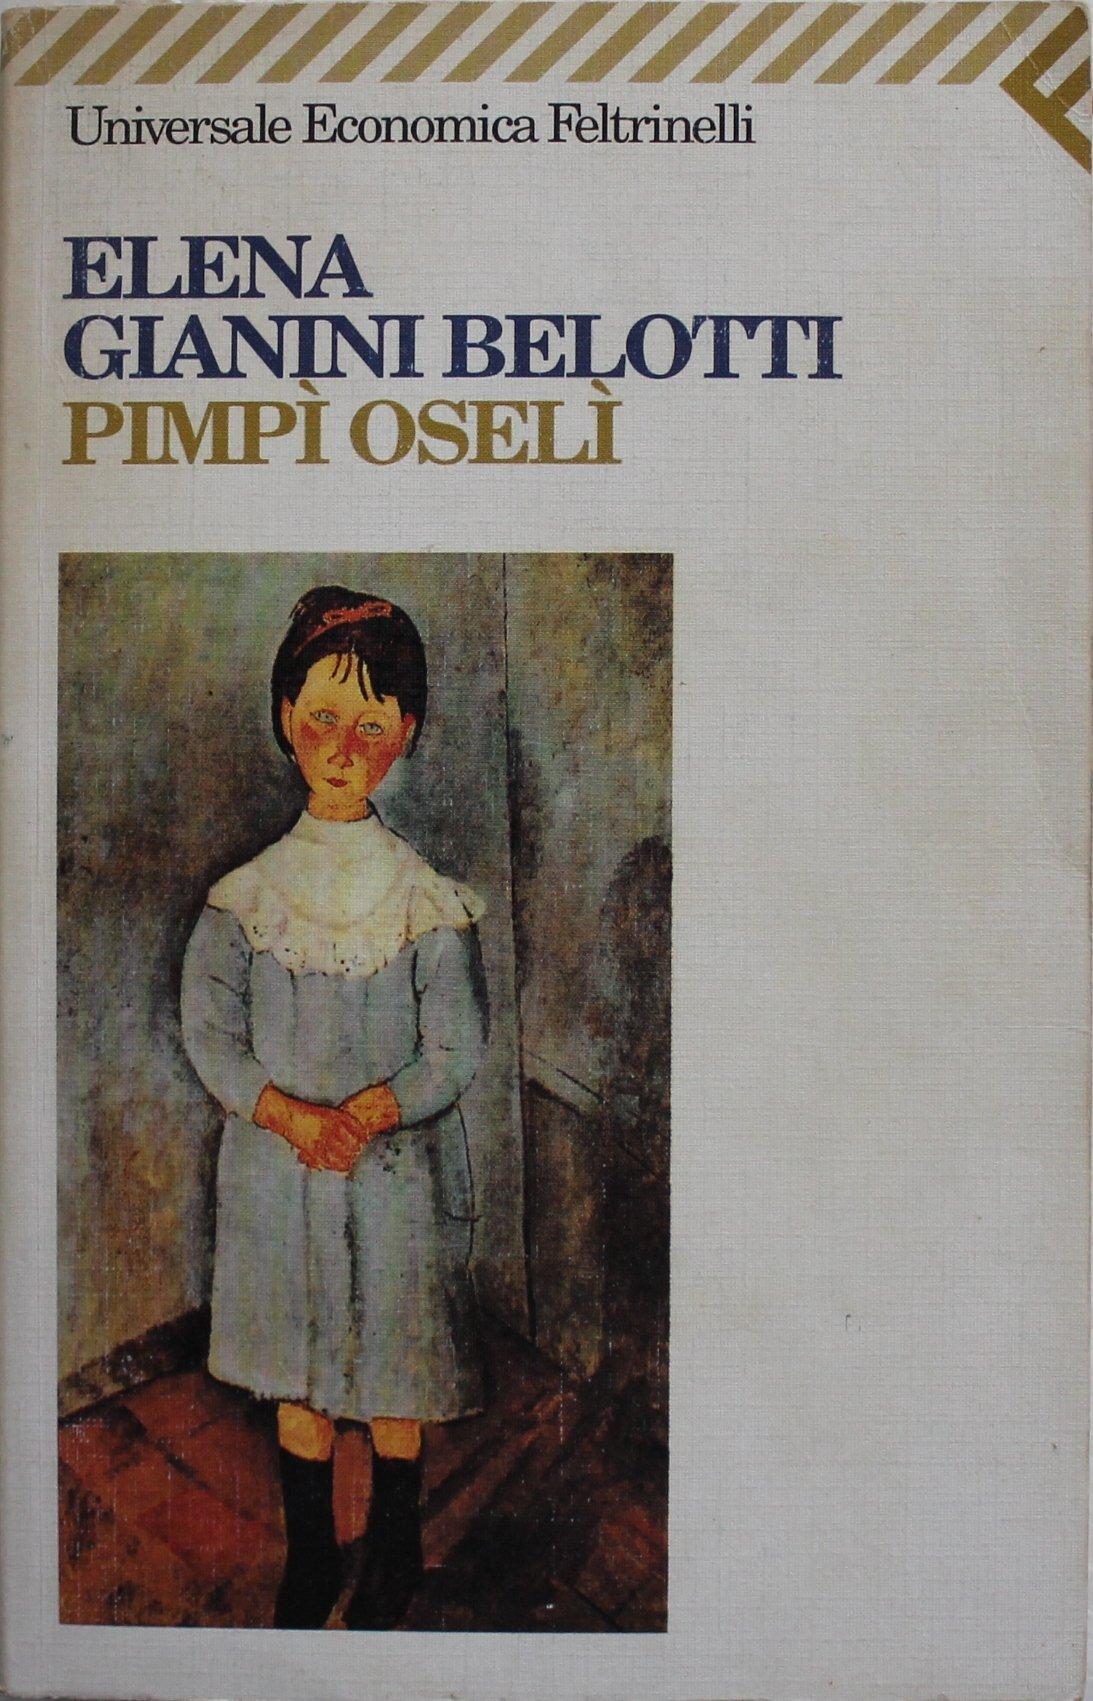 LETTERE AGLI AMICI (1941-1945)